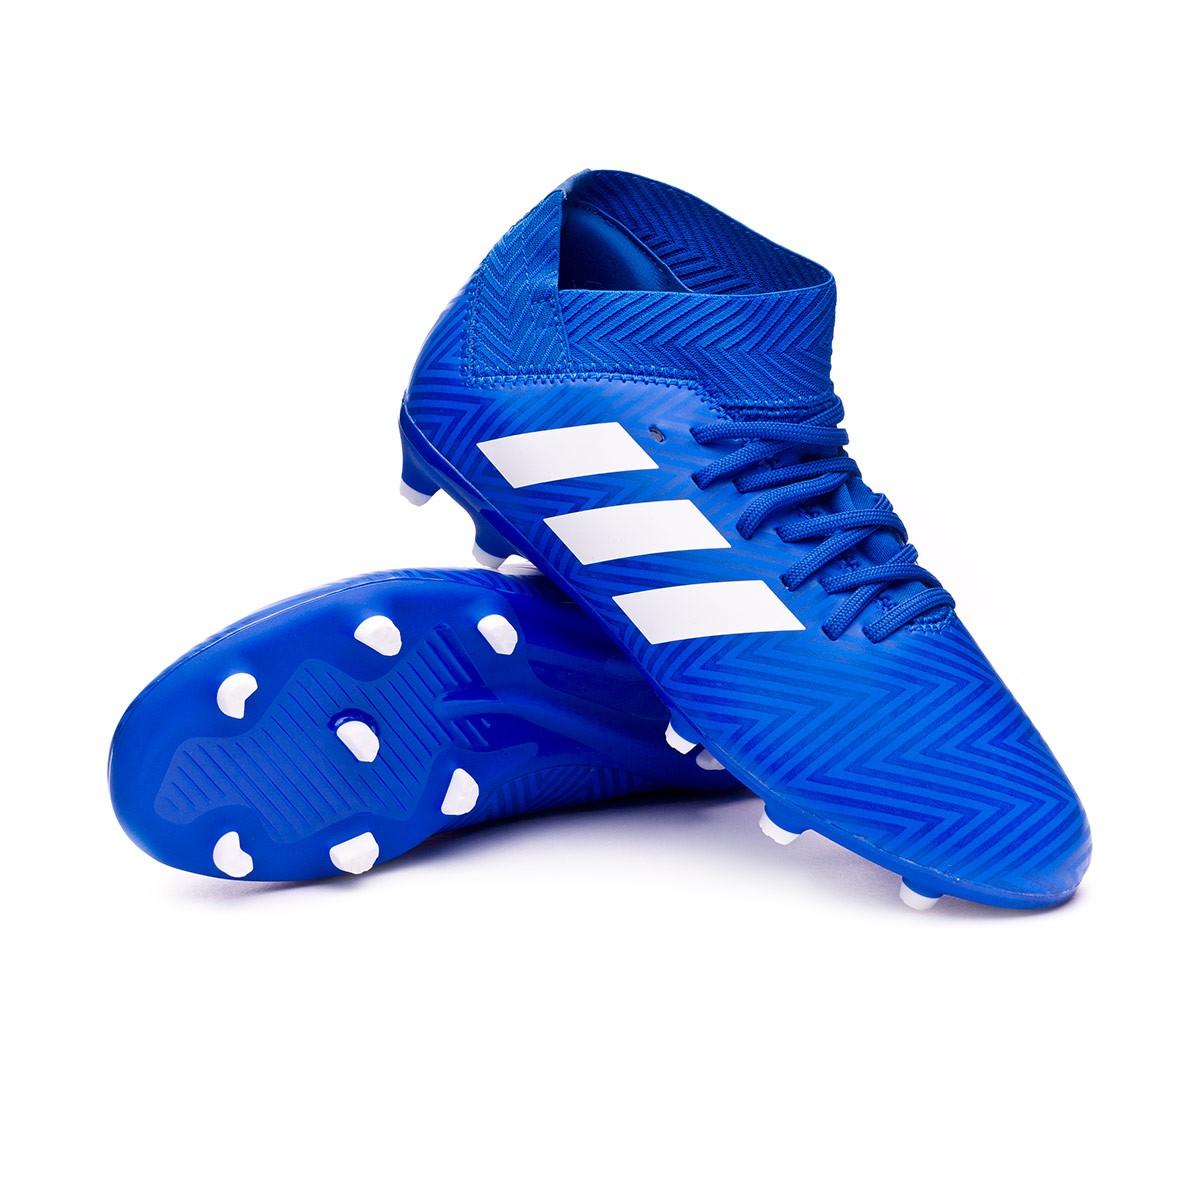 73feba9b2fb00 Chuteira adidas Nemeziz 18.3 FG Crianças Football blue-White-Football blue  - Loja de futebol Fútbol Emotion